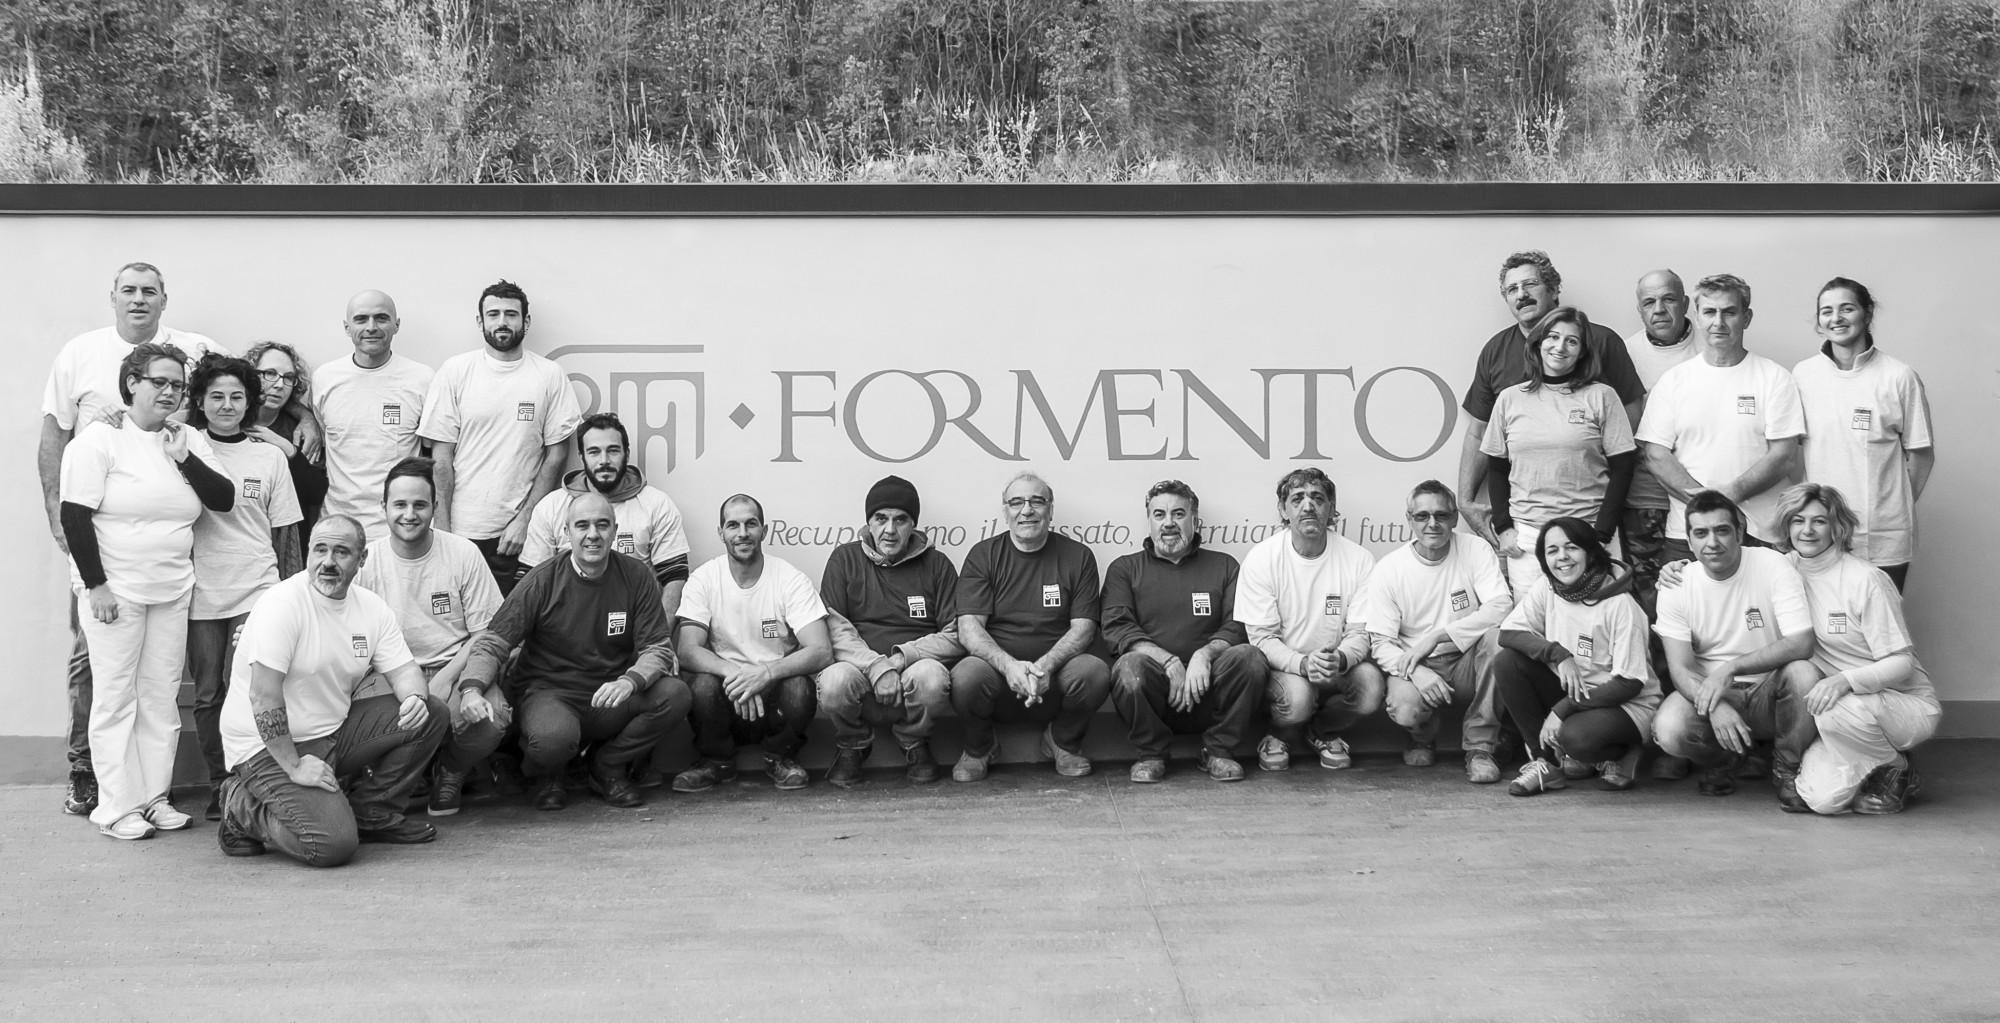 Formento Restauri è un'azienda ligure a conduzione familiare specializzata in ristrutturazioni e restauri dal 1959.